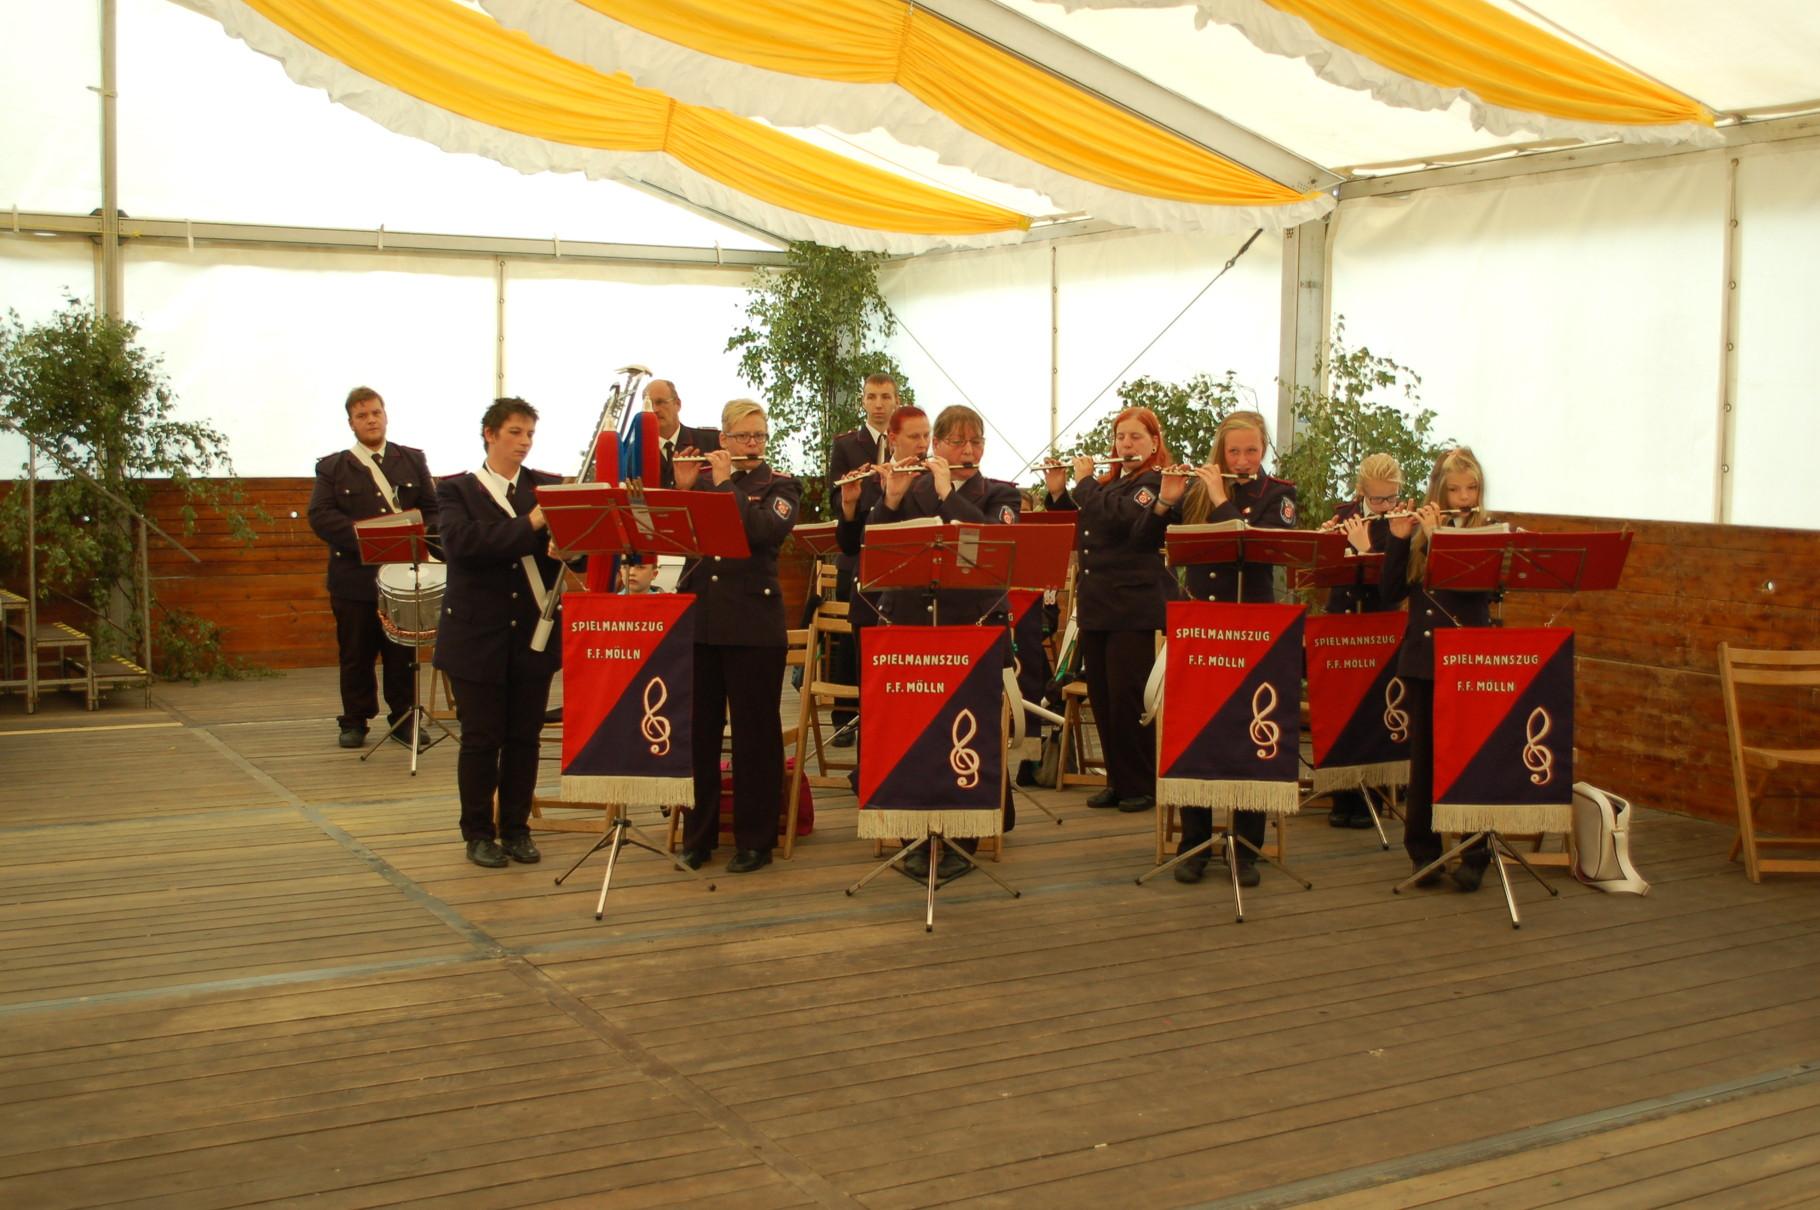 90 Jahre Feuerwehr Rondeshagen